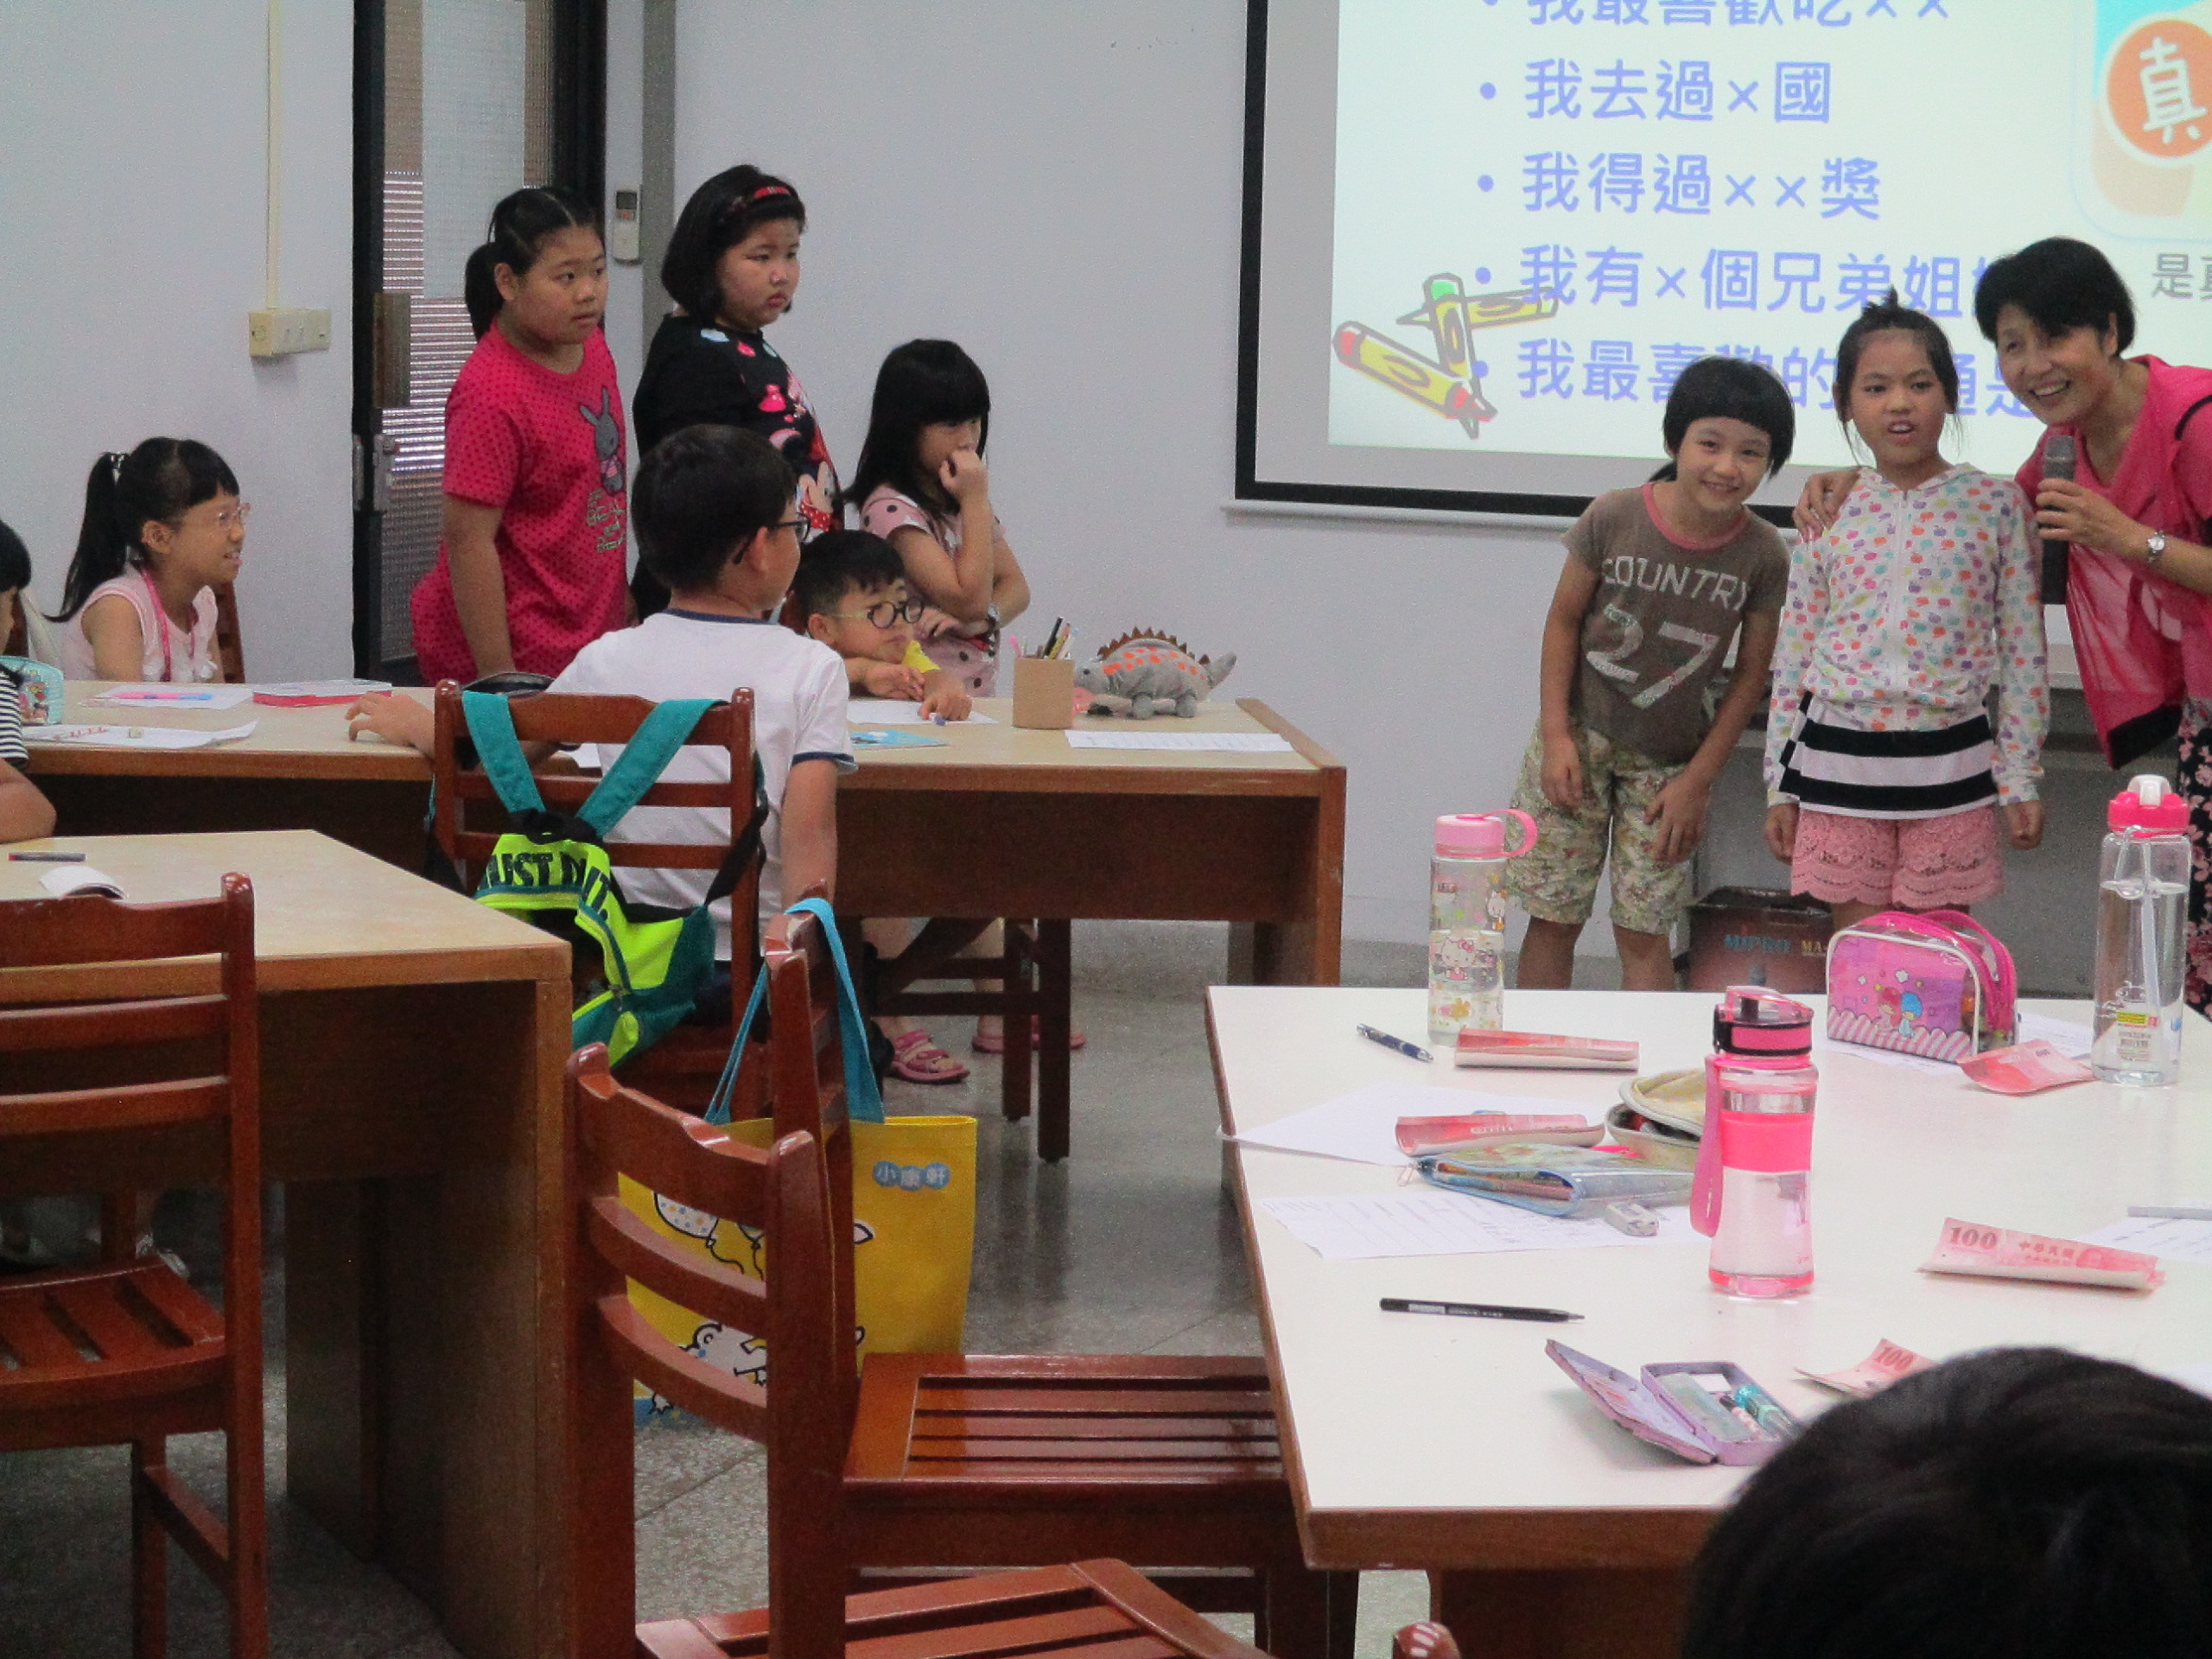 兒童口才夏令營1(萬里&三芝圖書館107.7.2 - 彭瑞蘭口才訓練課程表達溝通全互動教學專家